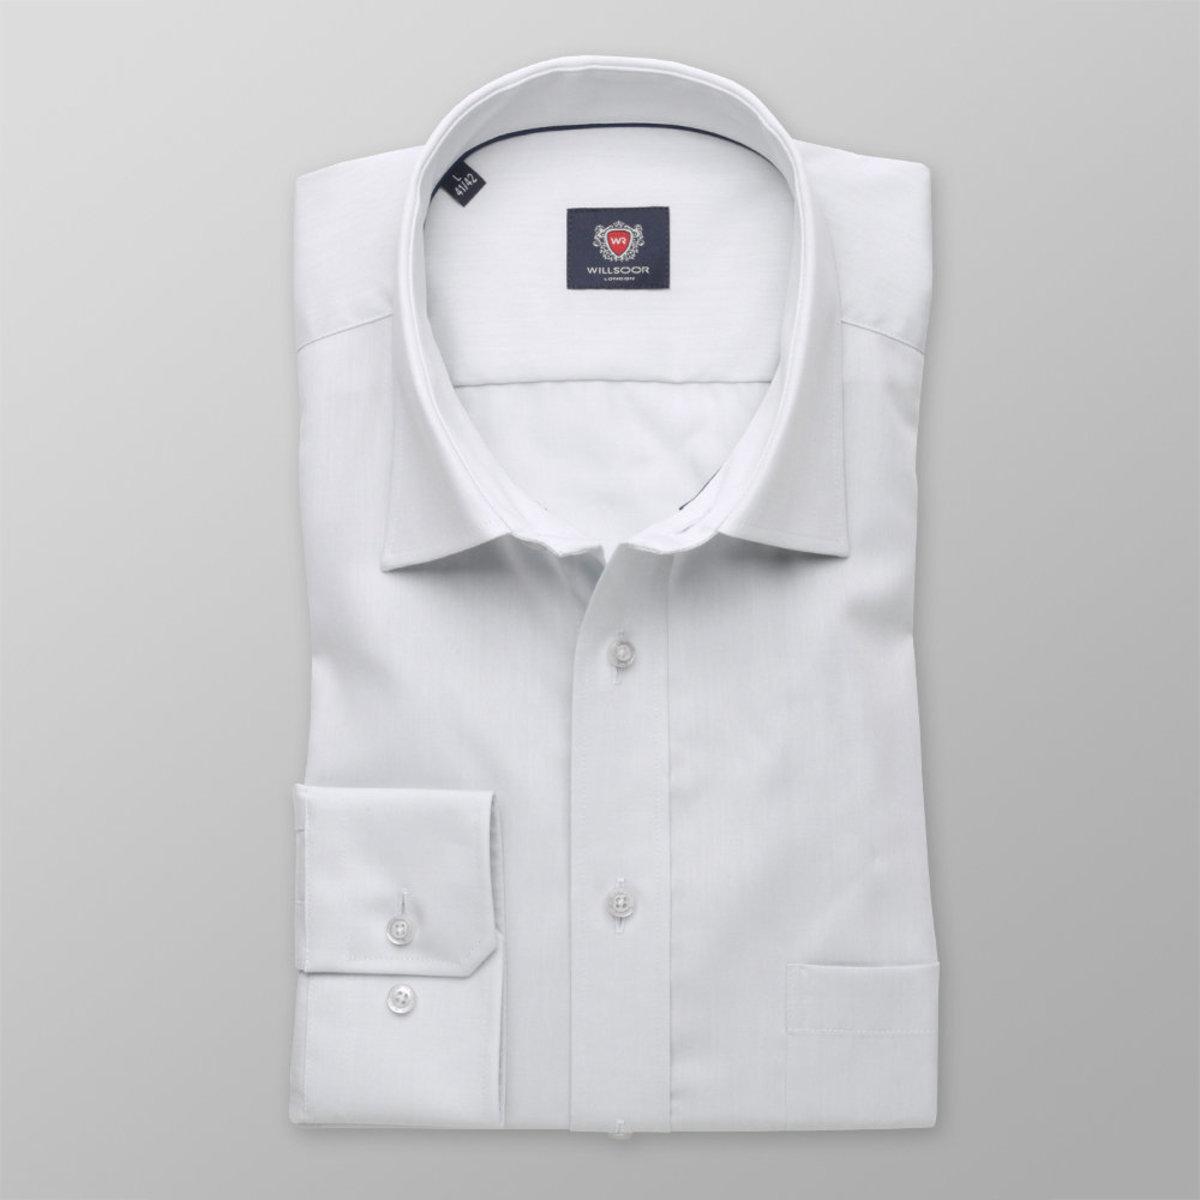 62e8d48761df Pánska klasická košeľa London (výška 176-182) 8361 v šedé farbe s úpravou